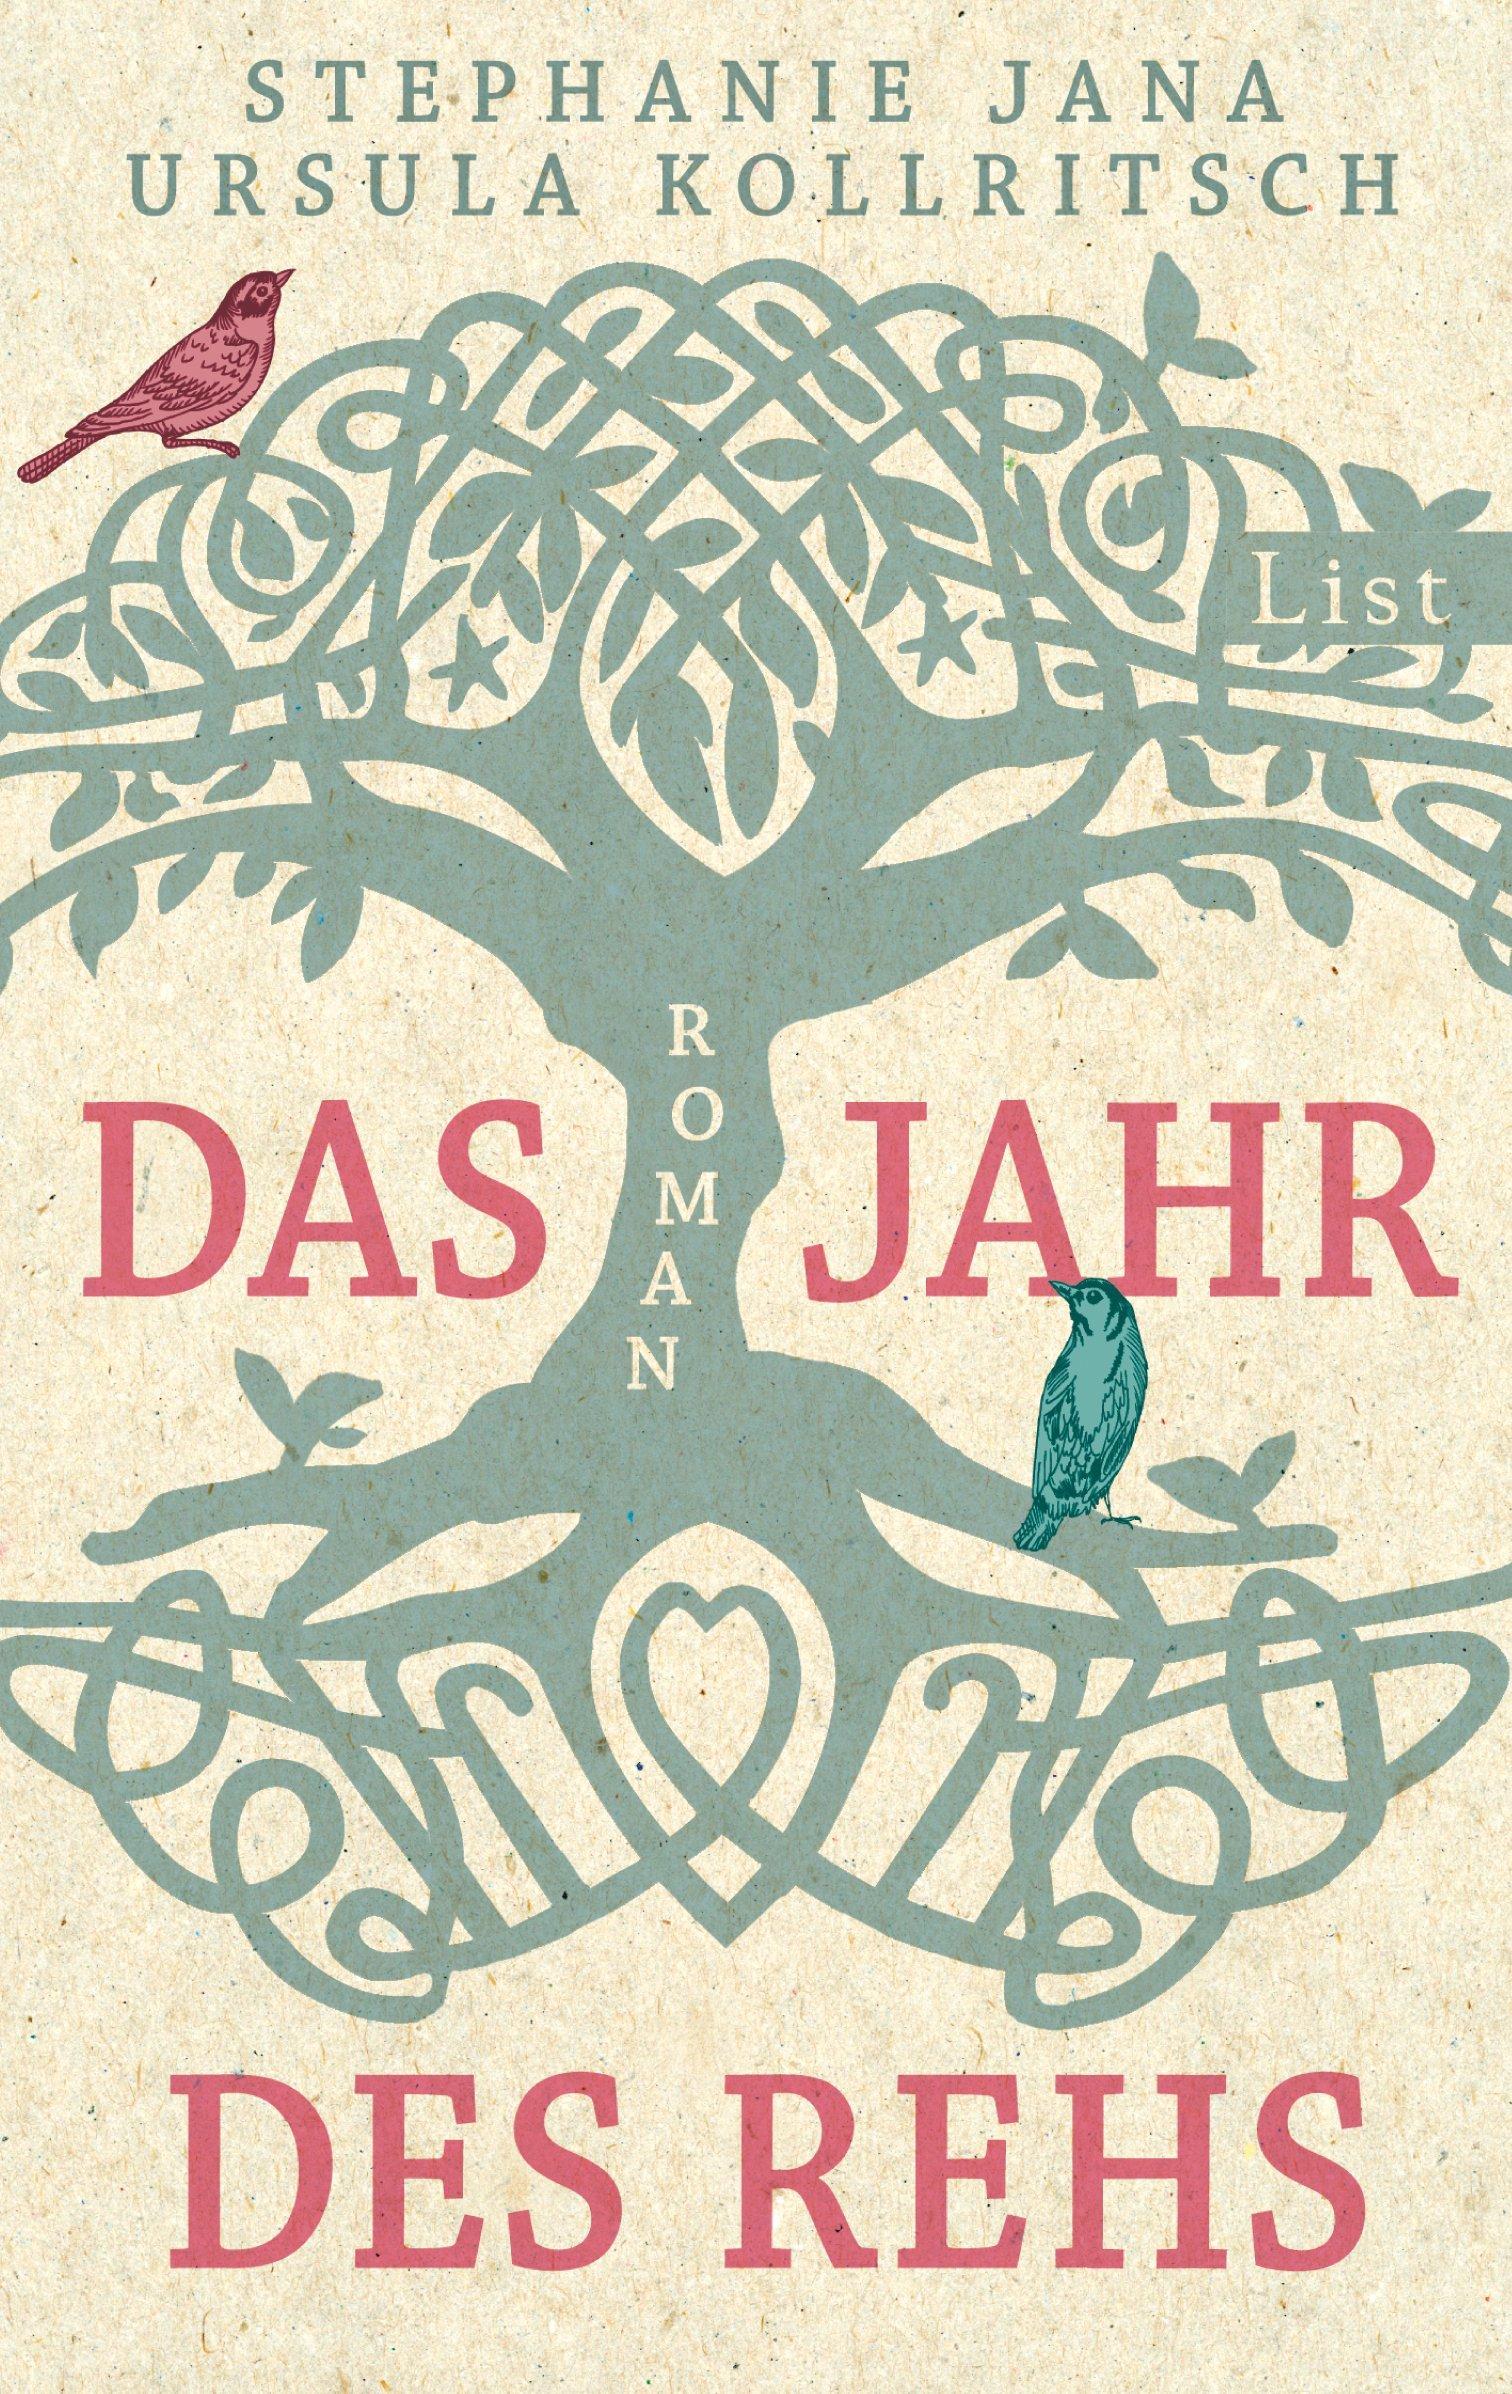 Stephanie Jana/ Ursula Kollritsch: Das Jahr des Rehs